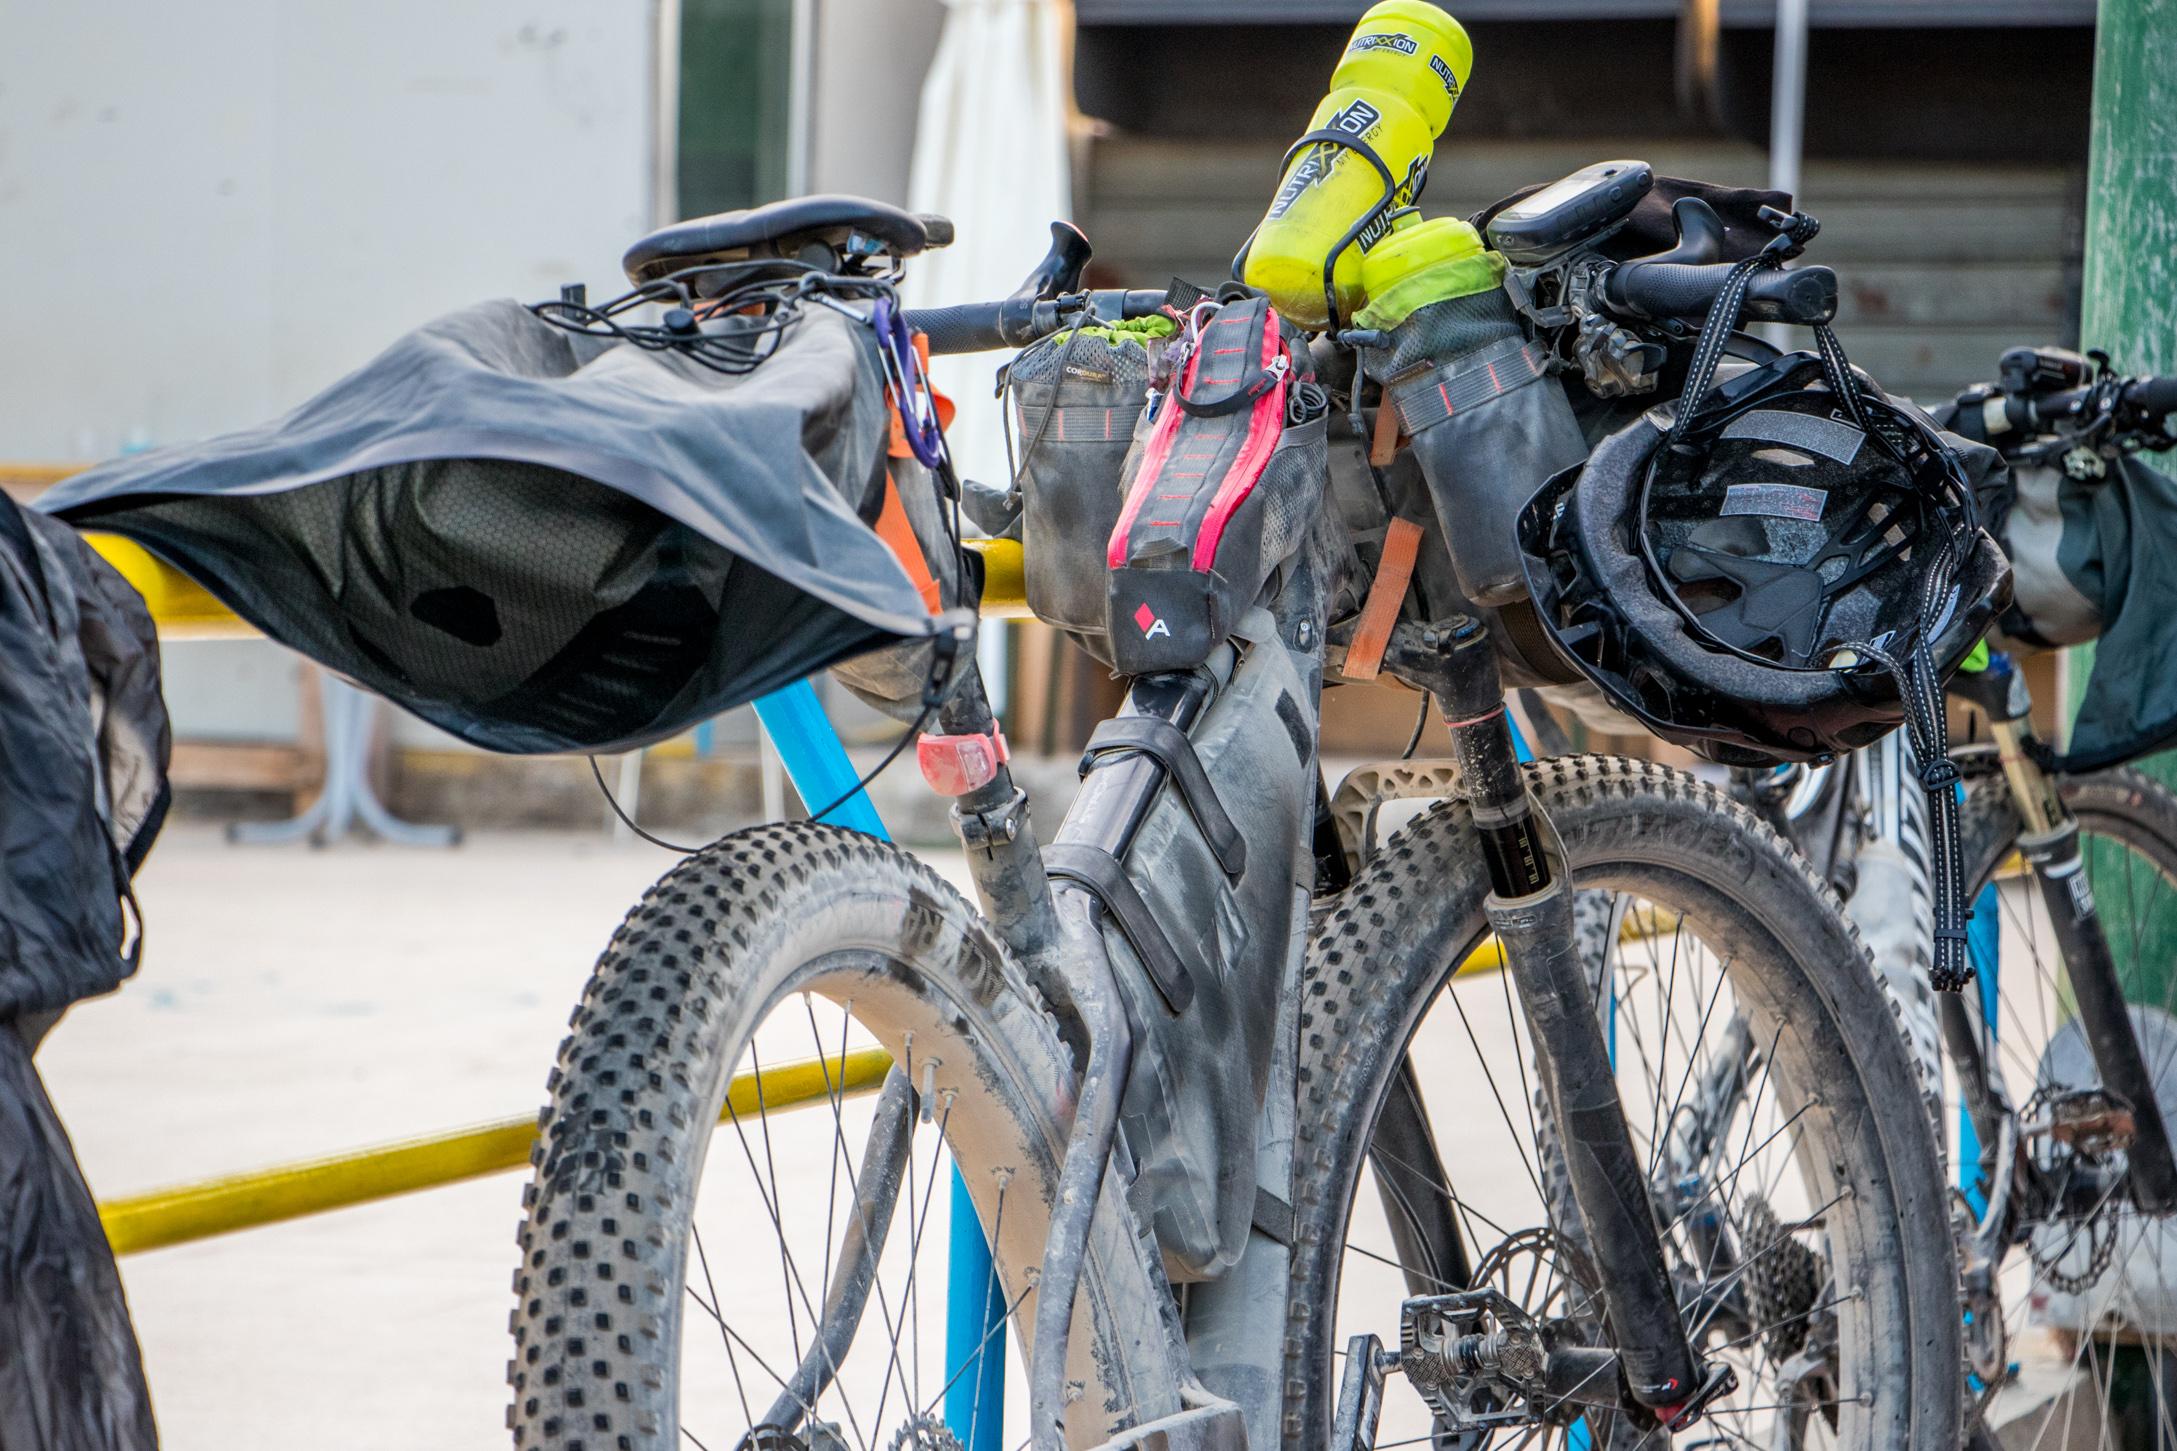 a42acf4e1c Particolare attenzione dovrà essere posta sulla scorta di acqua.  Solitamente il telaio di una bicicletta da viaggio è predisposto per poter  applicare più di ...